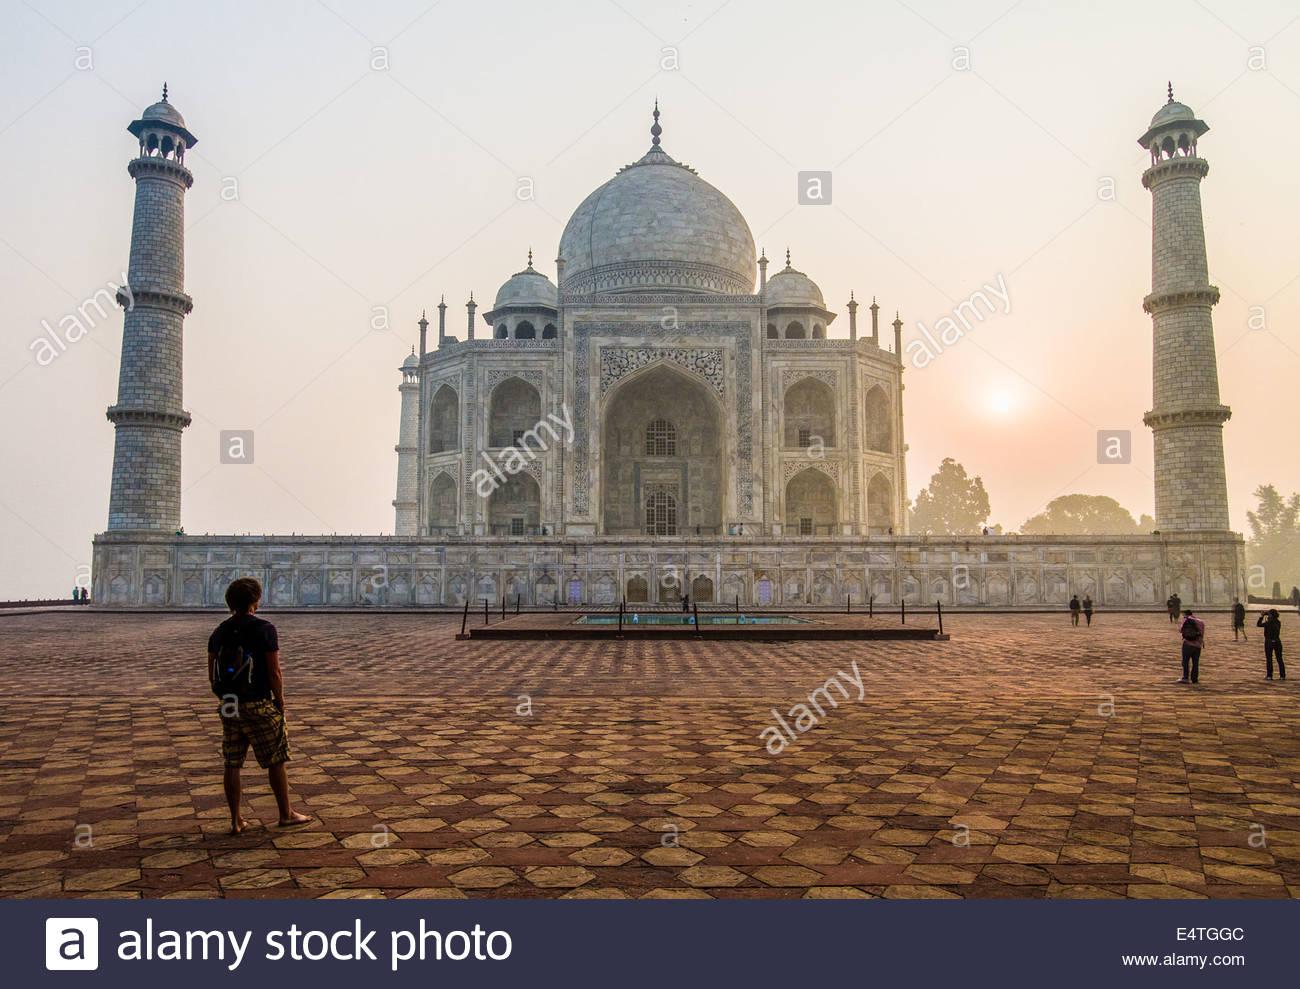 Un hombre parado ante el Taj Mahal como el Sol sale por detrás, Agra, India, Asia Imagen De Stock